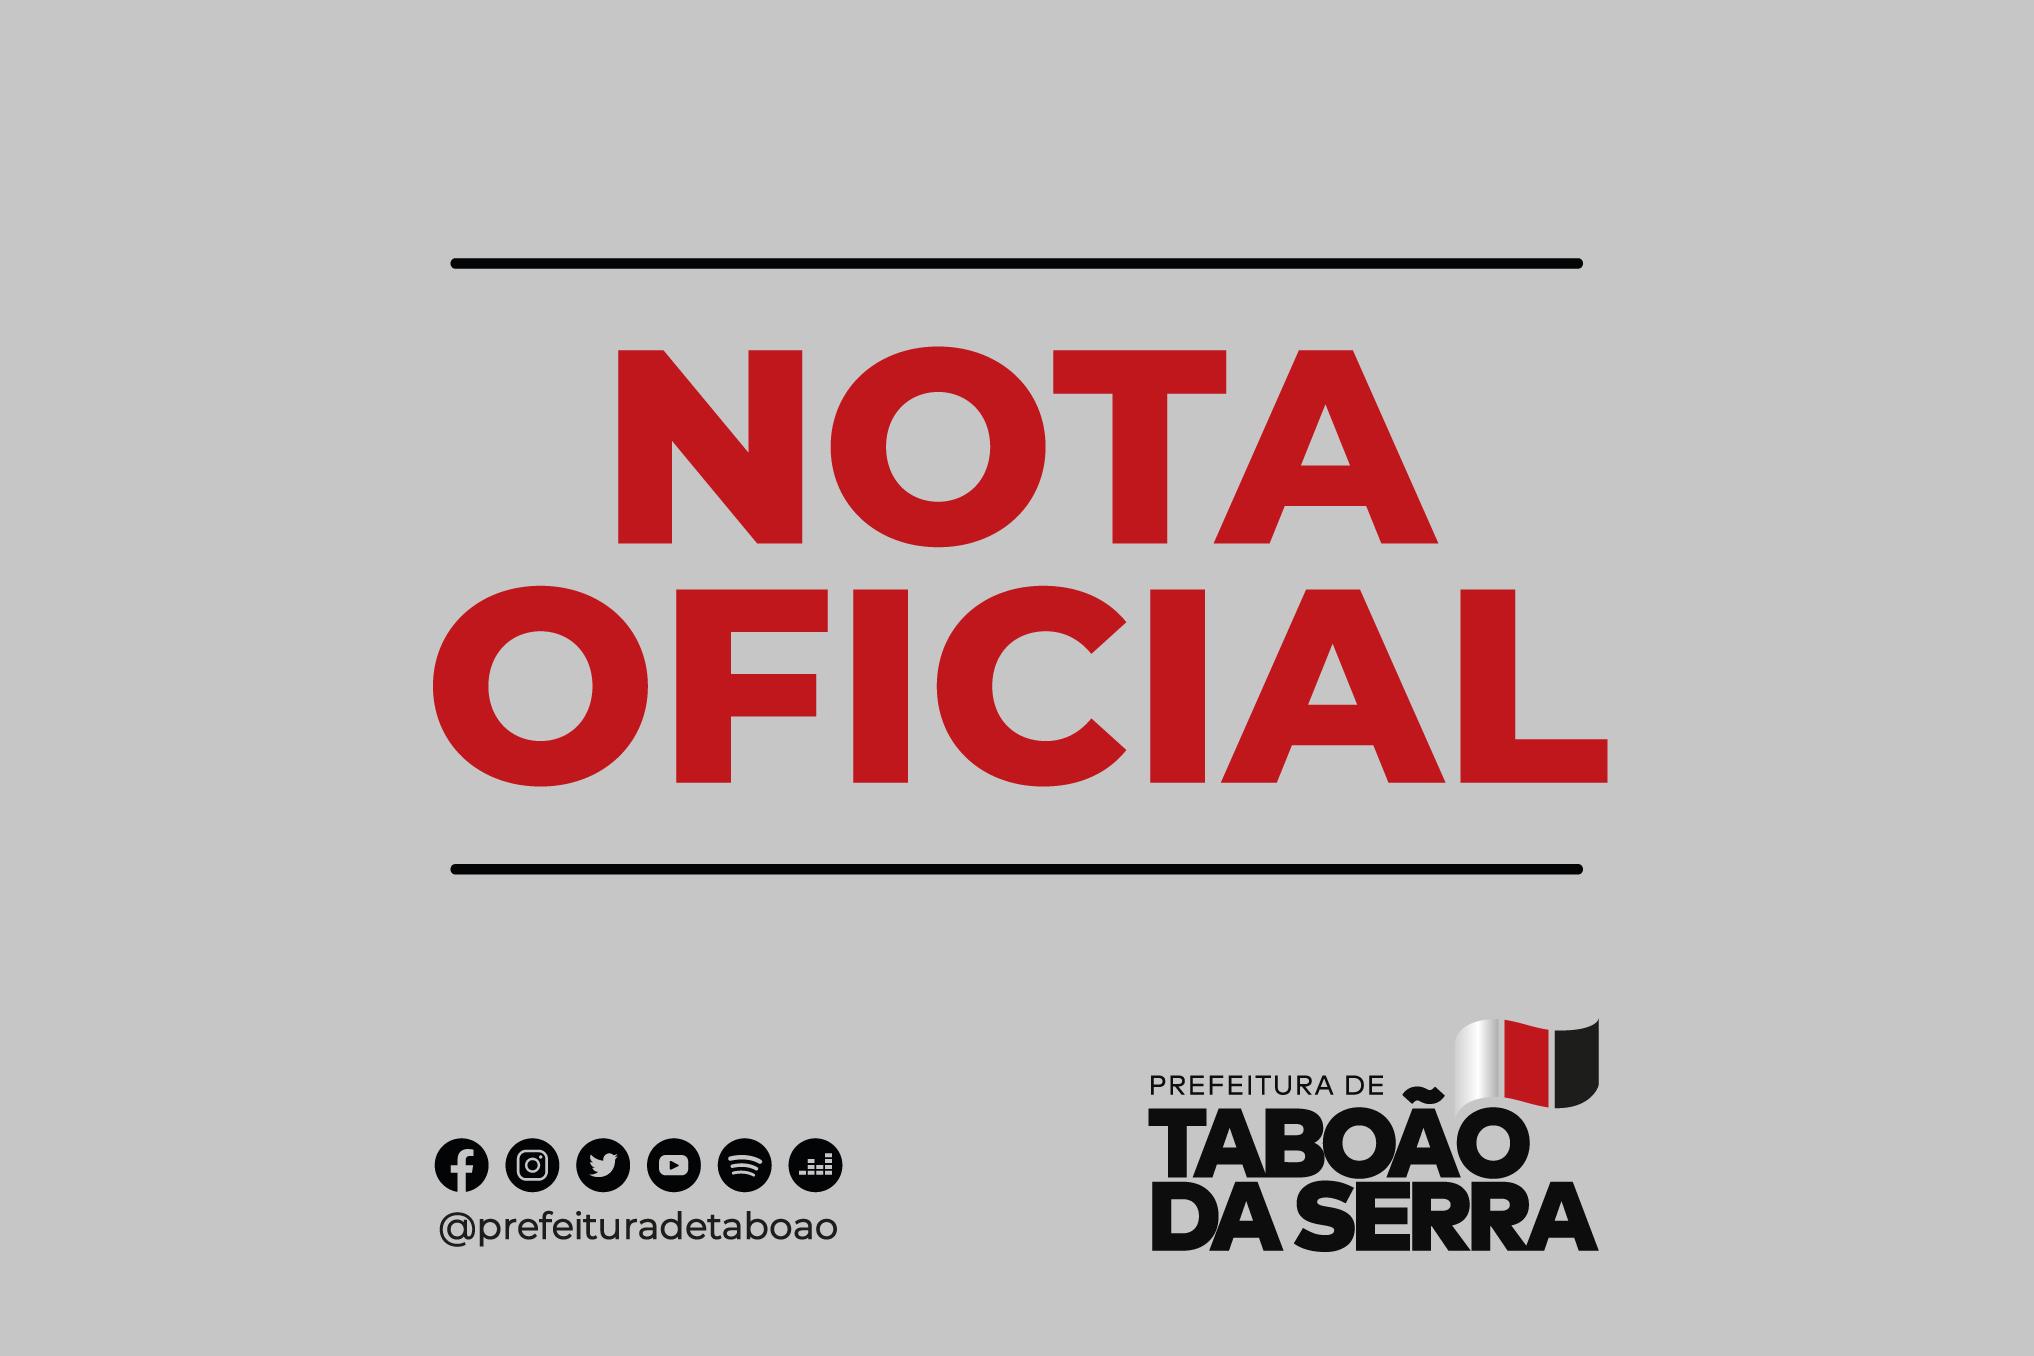 Nota Oficial - Prefeitura de Taboão da Serra é alvo de crime cibernético